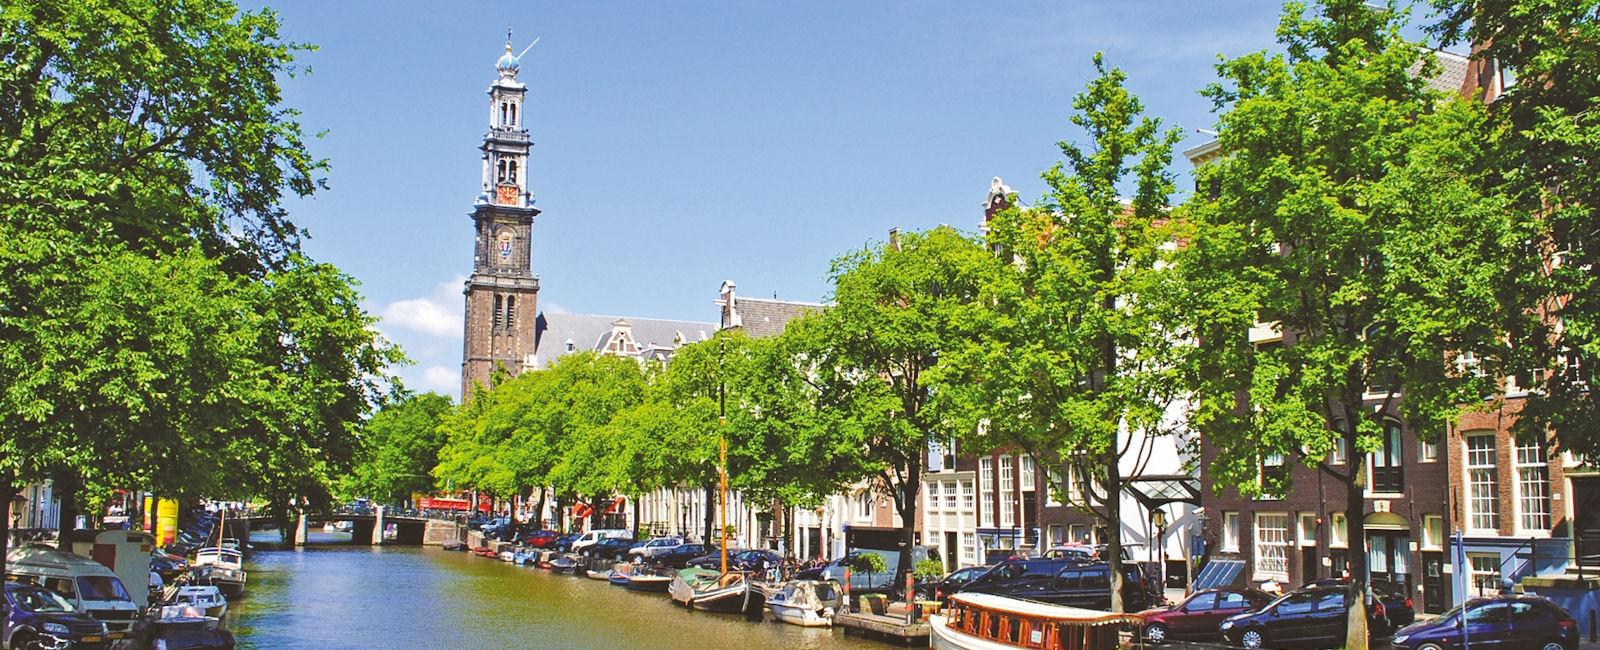 Netherlands main image